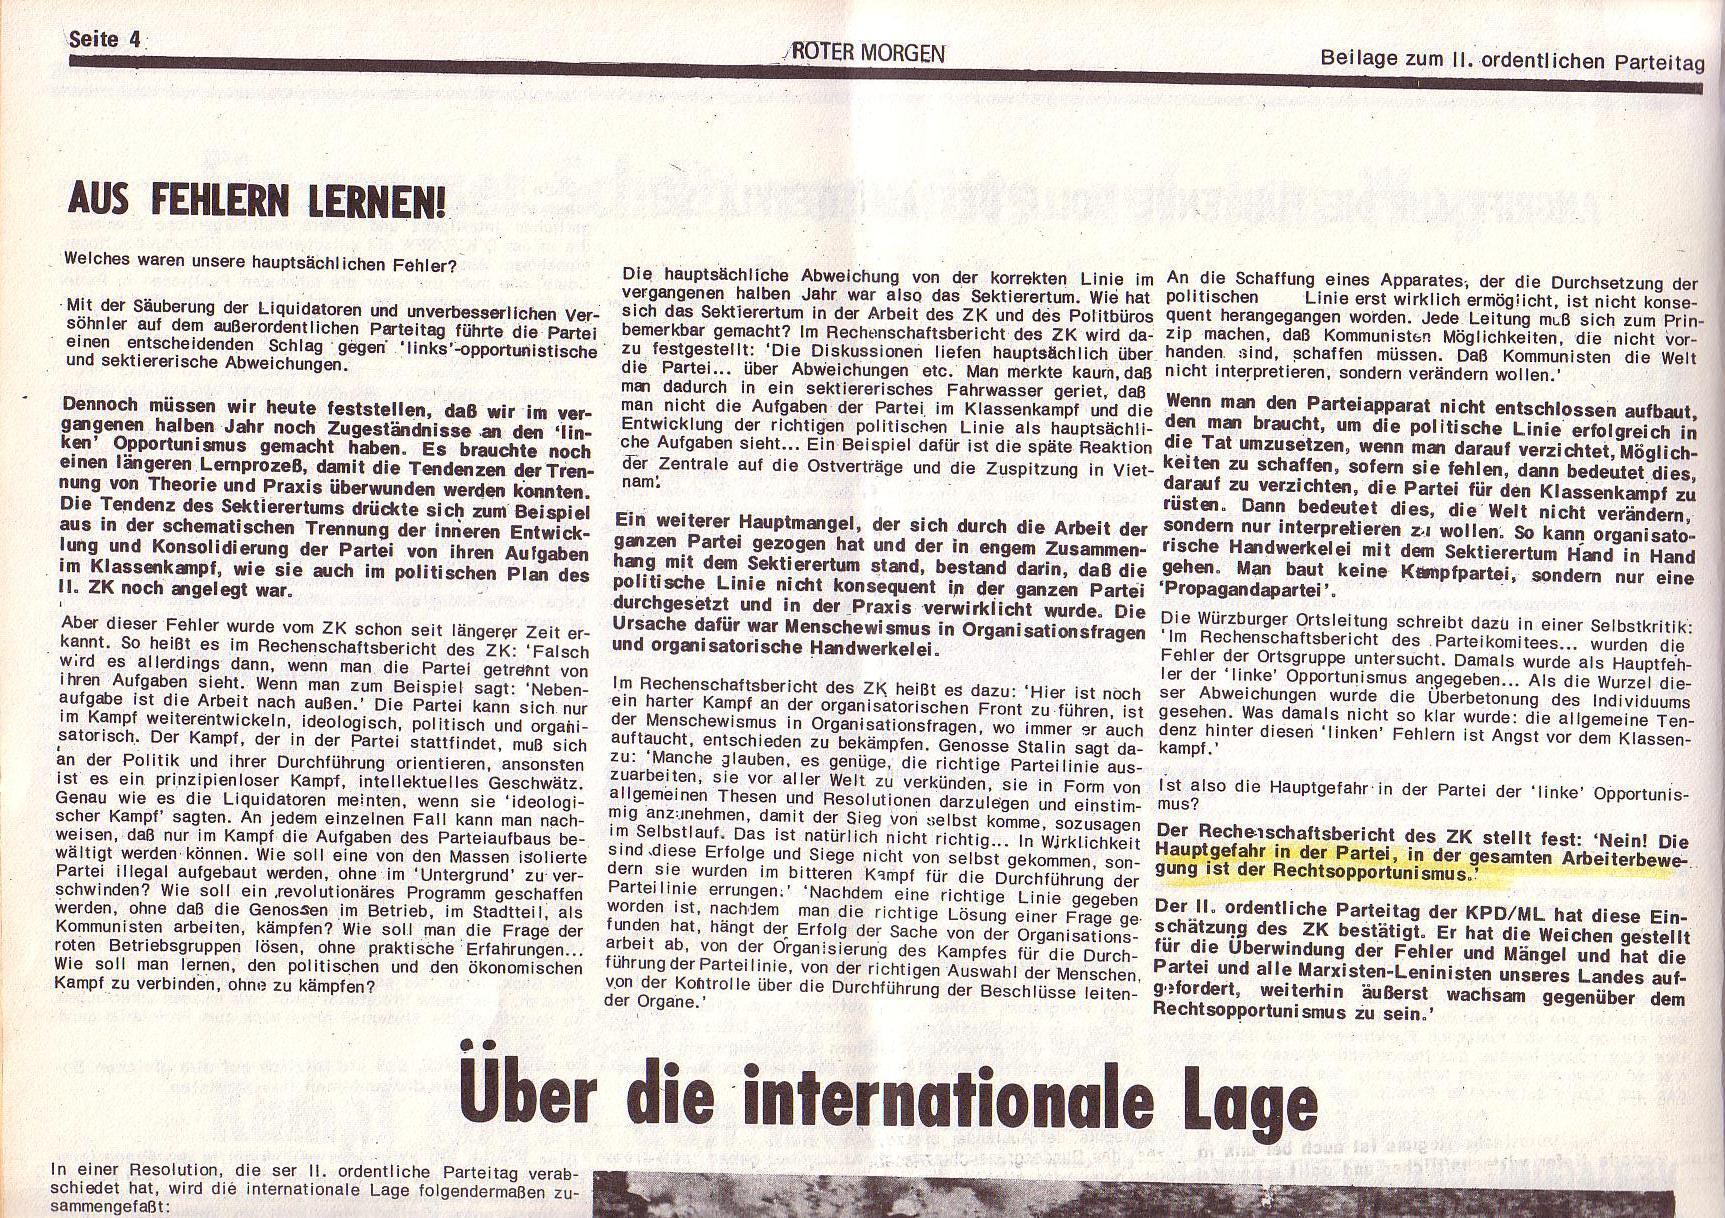 Roter Morgen, 6. Jg., Juli 1972, Sonderbeilage zum II. ordentlichen Parteitag, Seite 4a